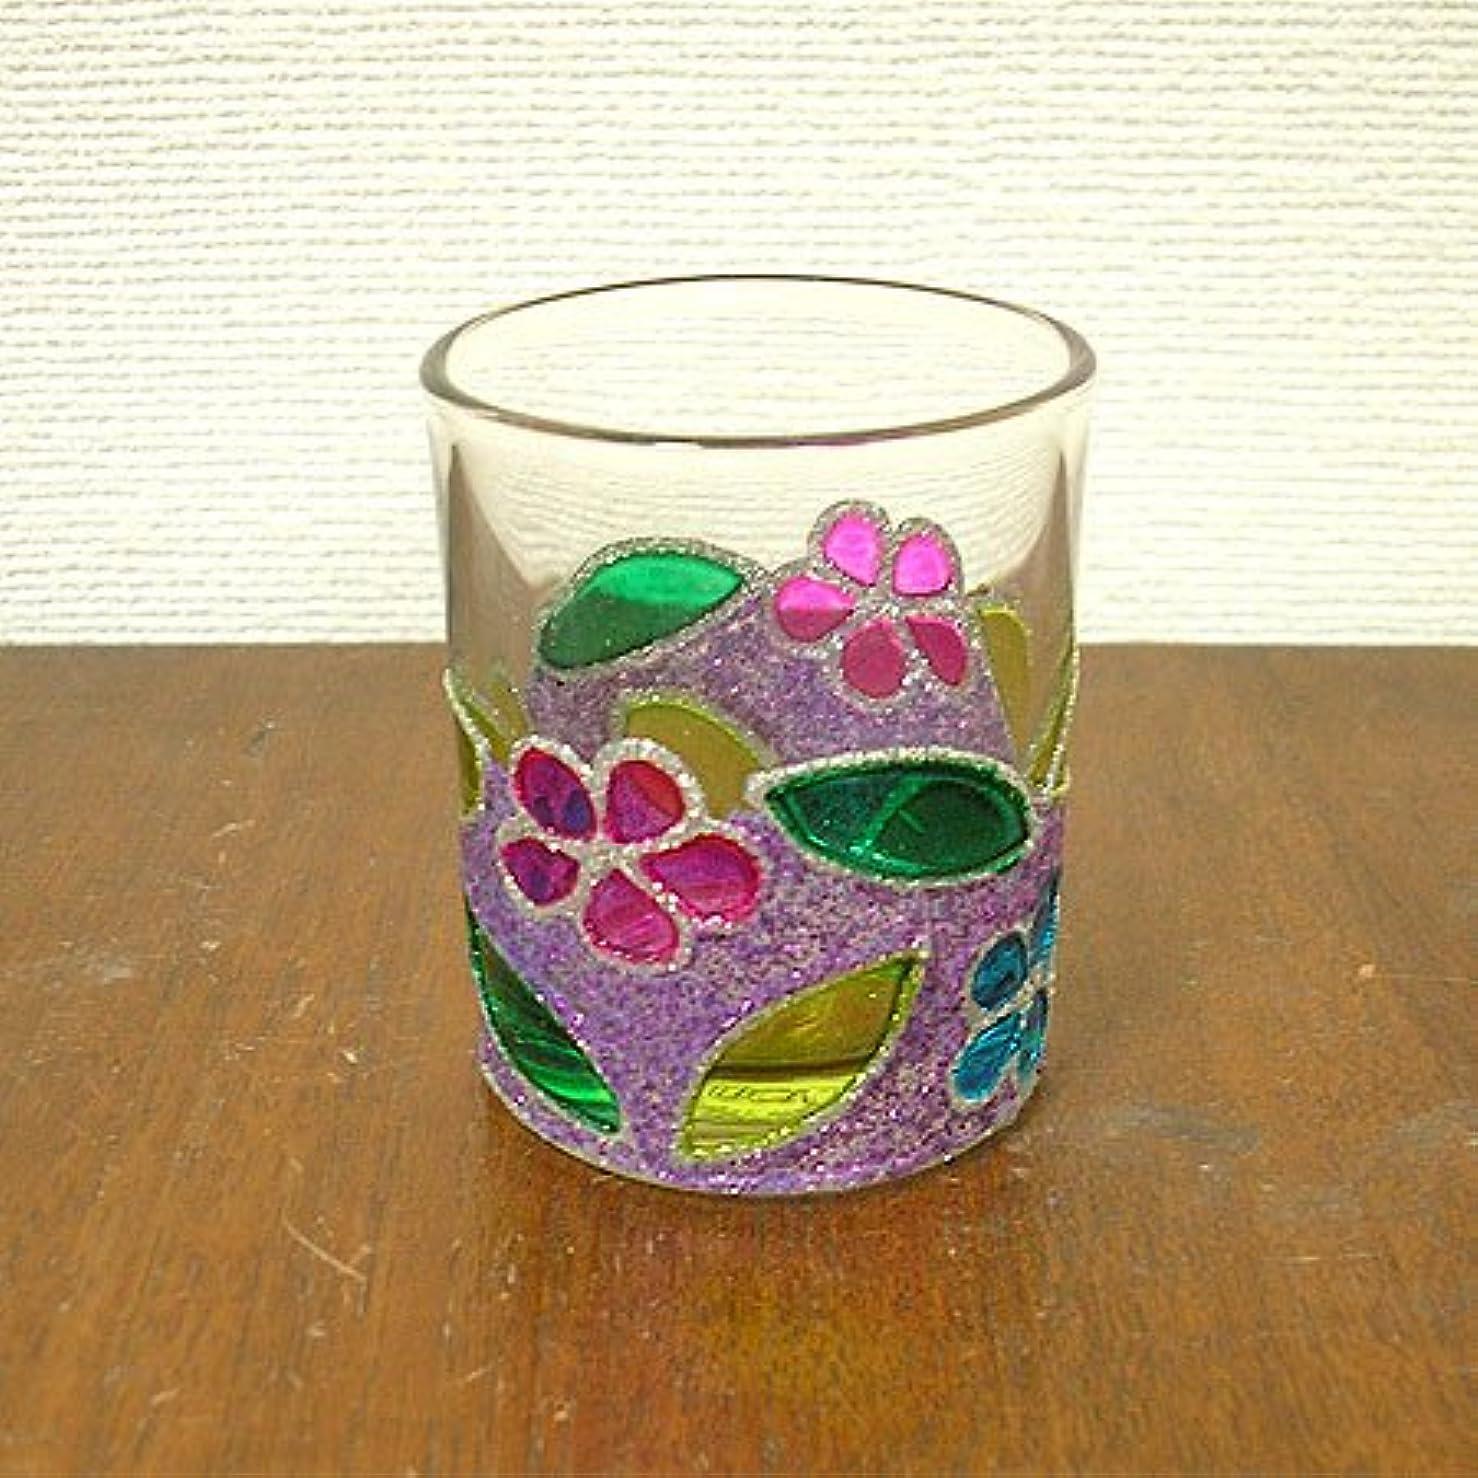 感度解き明かすマイクロフォンアジアン キャンドルホルダー カップ グラス 花柄 パープル アジアン雑貨